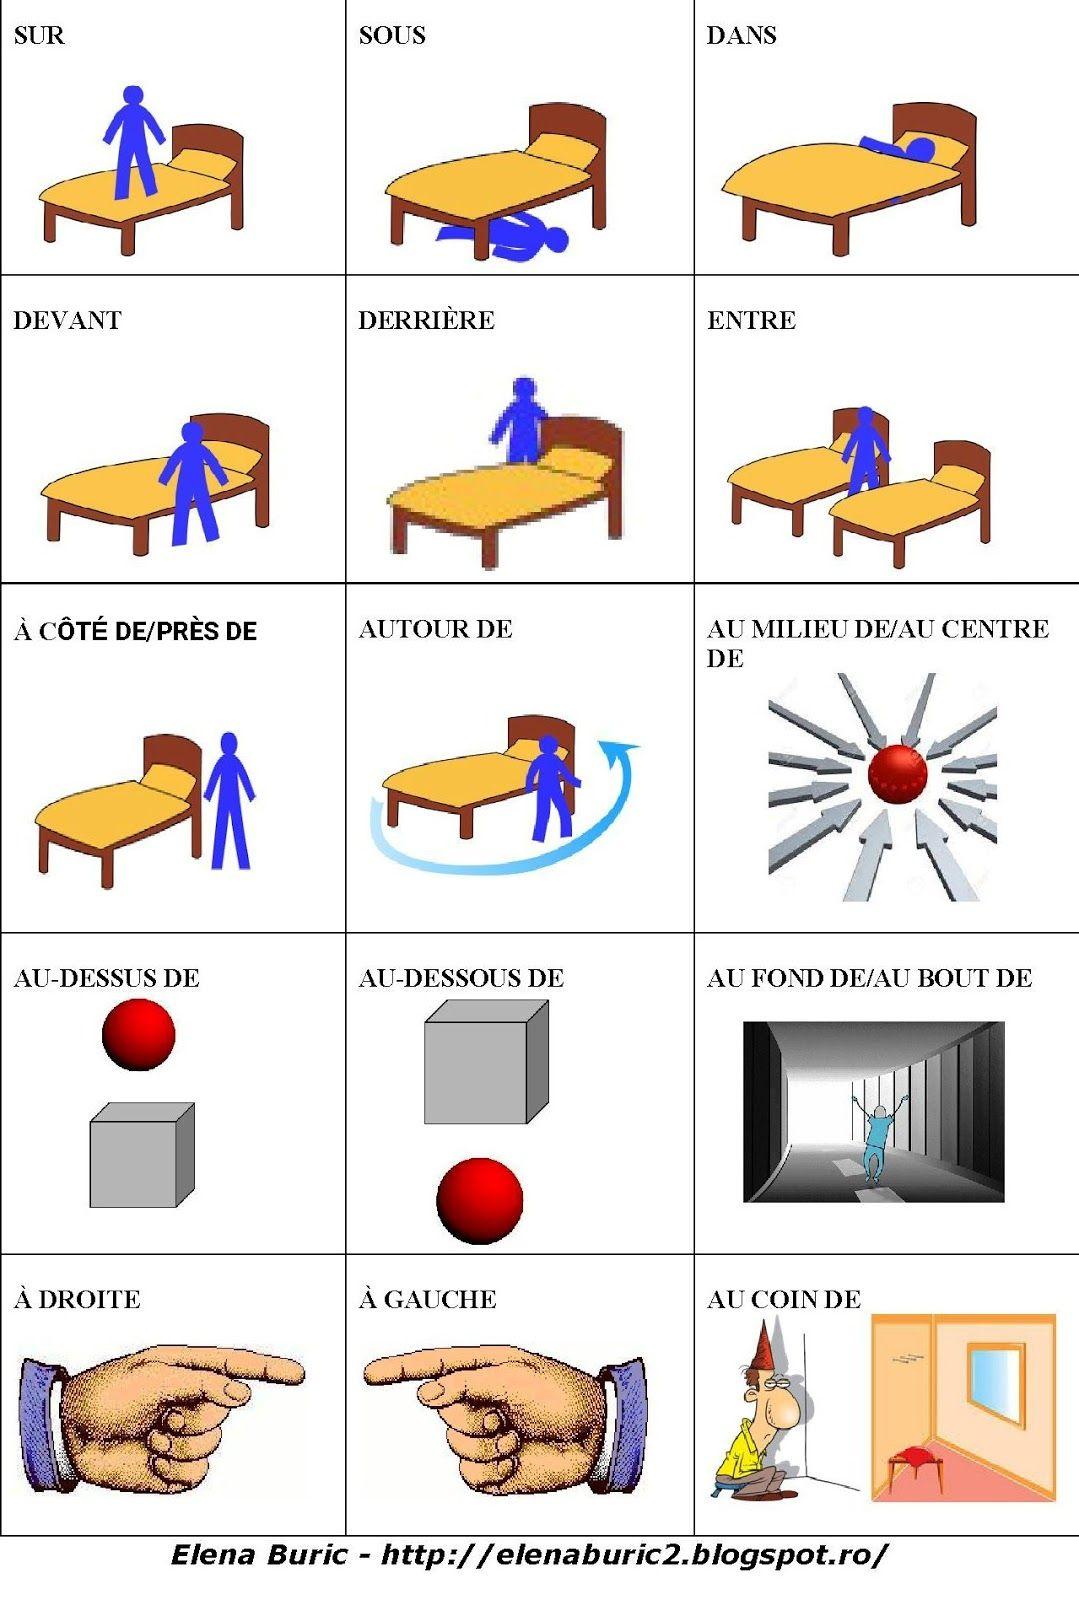 Revisez Les Prepositions De Lieu Ici 1 Image Interactive